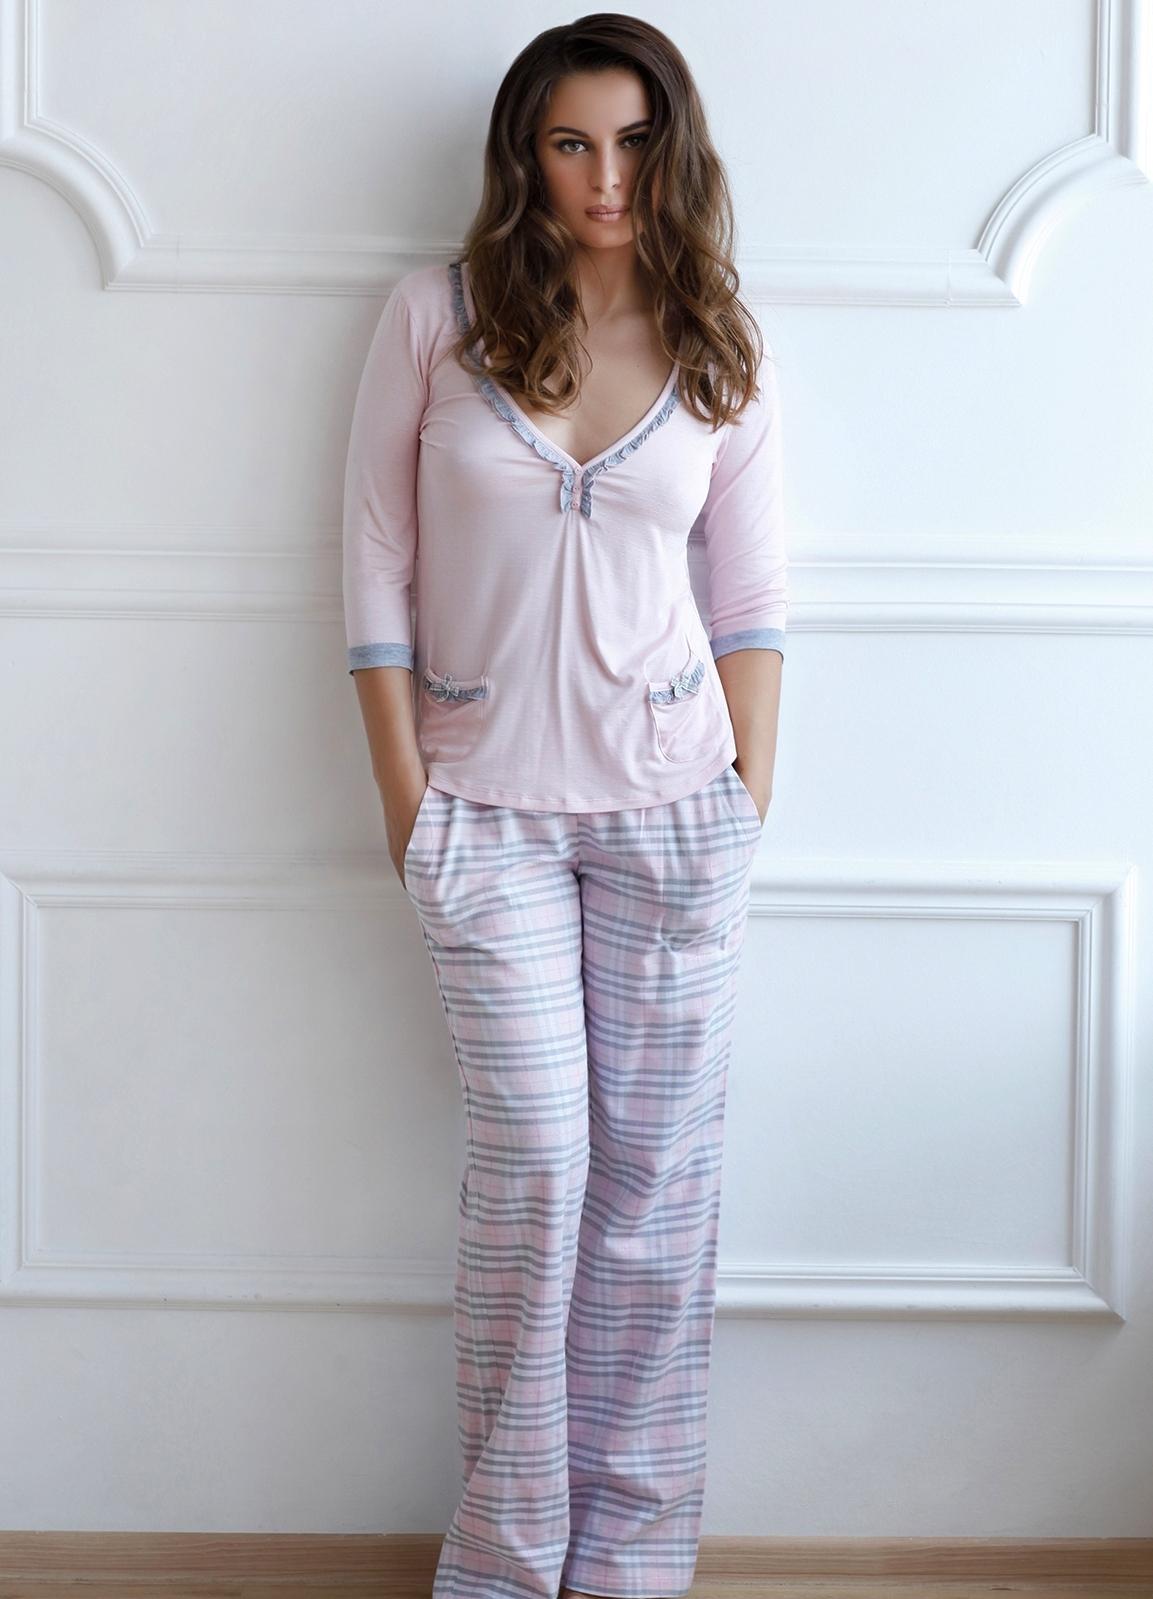 Женские пижамы новые фото